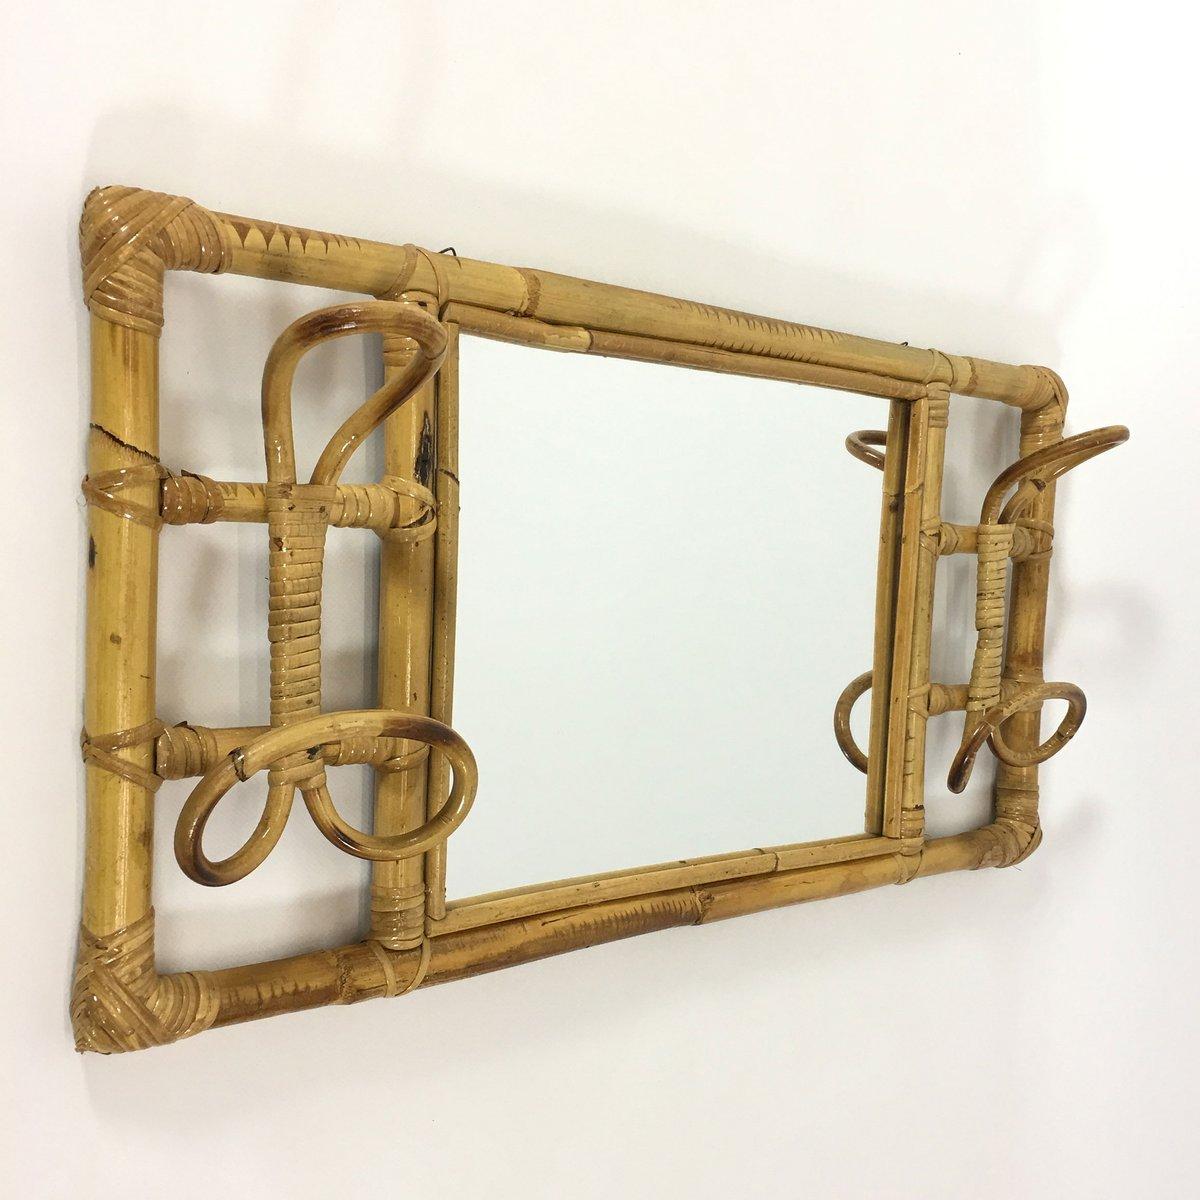 Attaccapanni vintage in vimini con specchio in vendita su for Attaccapanni vintage